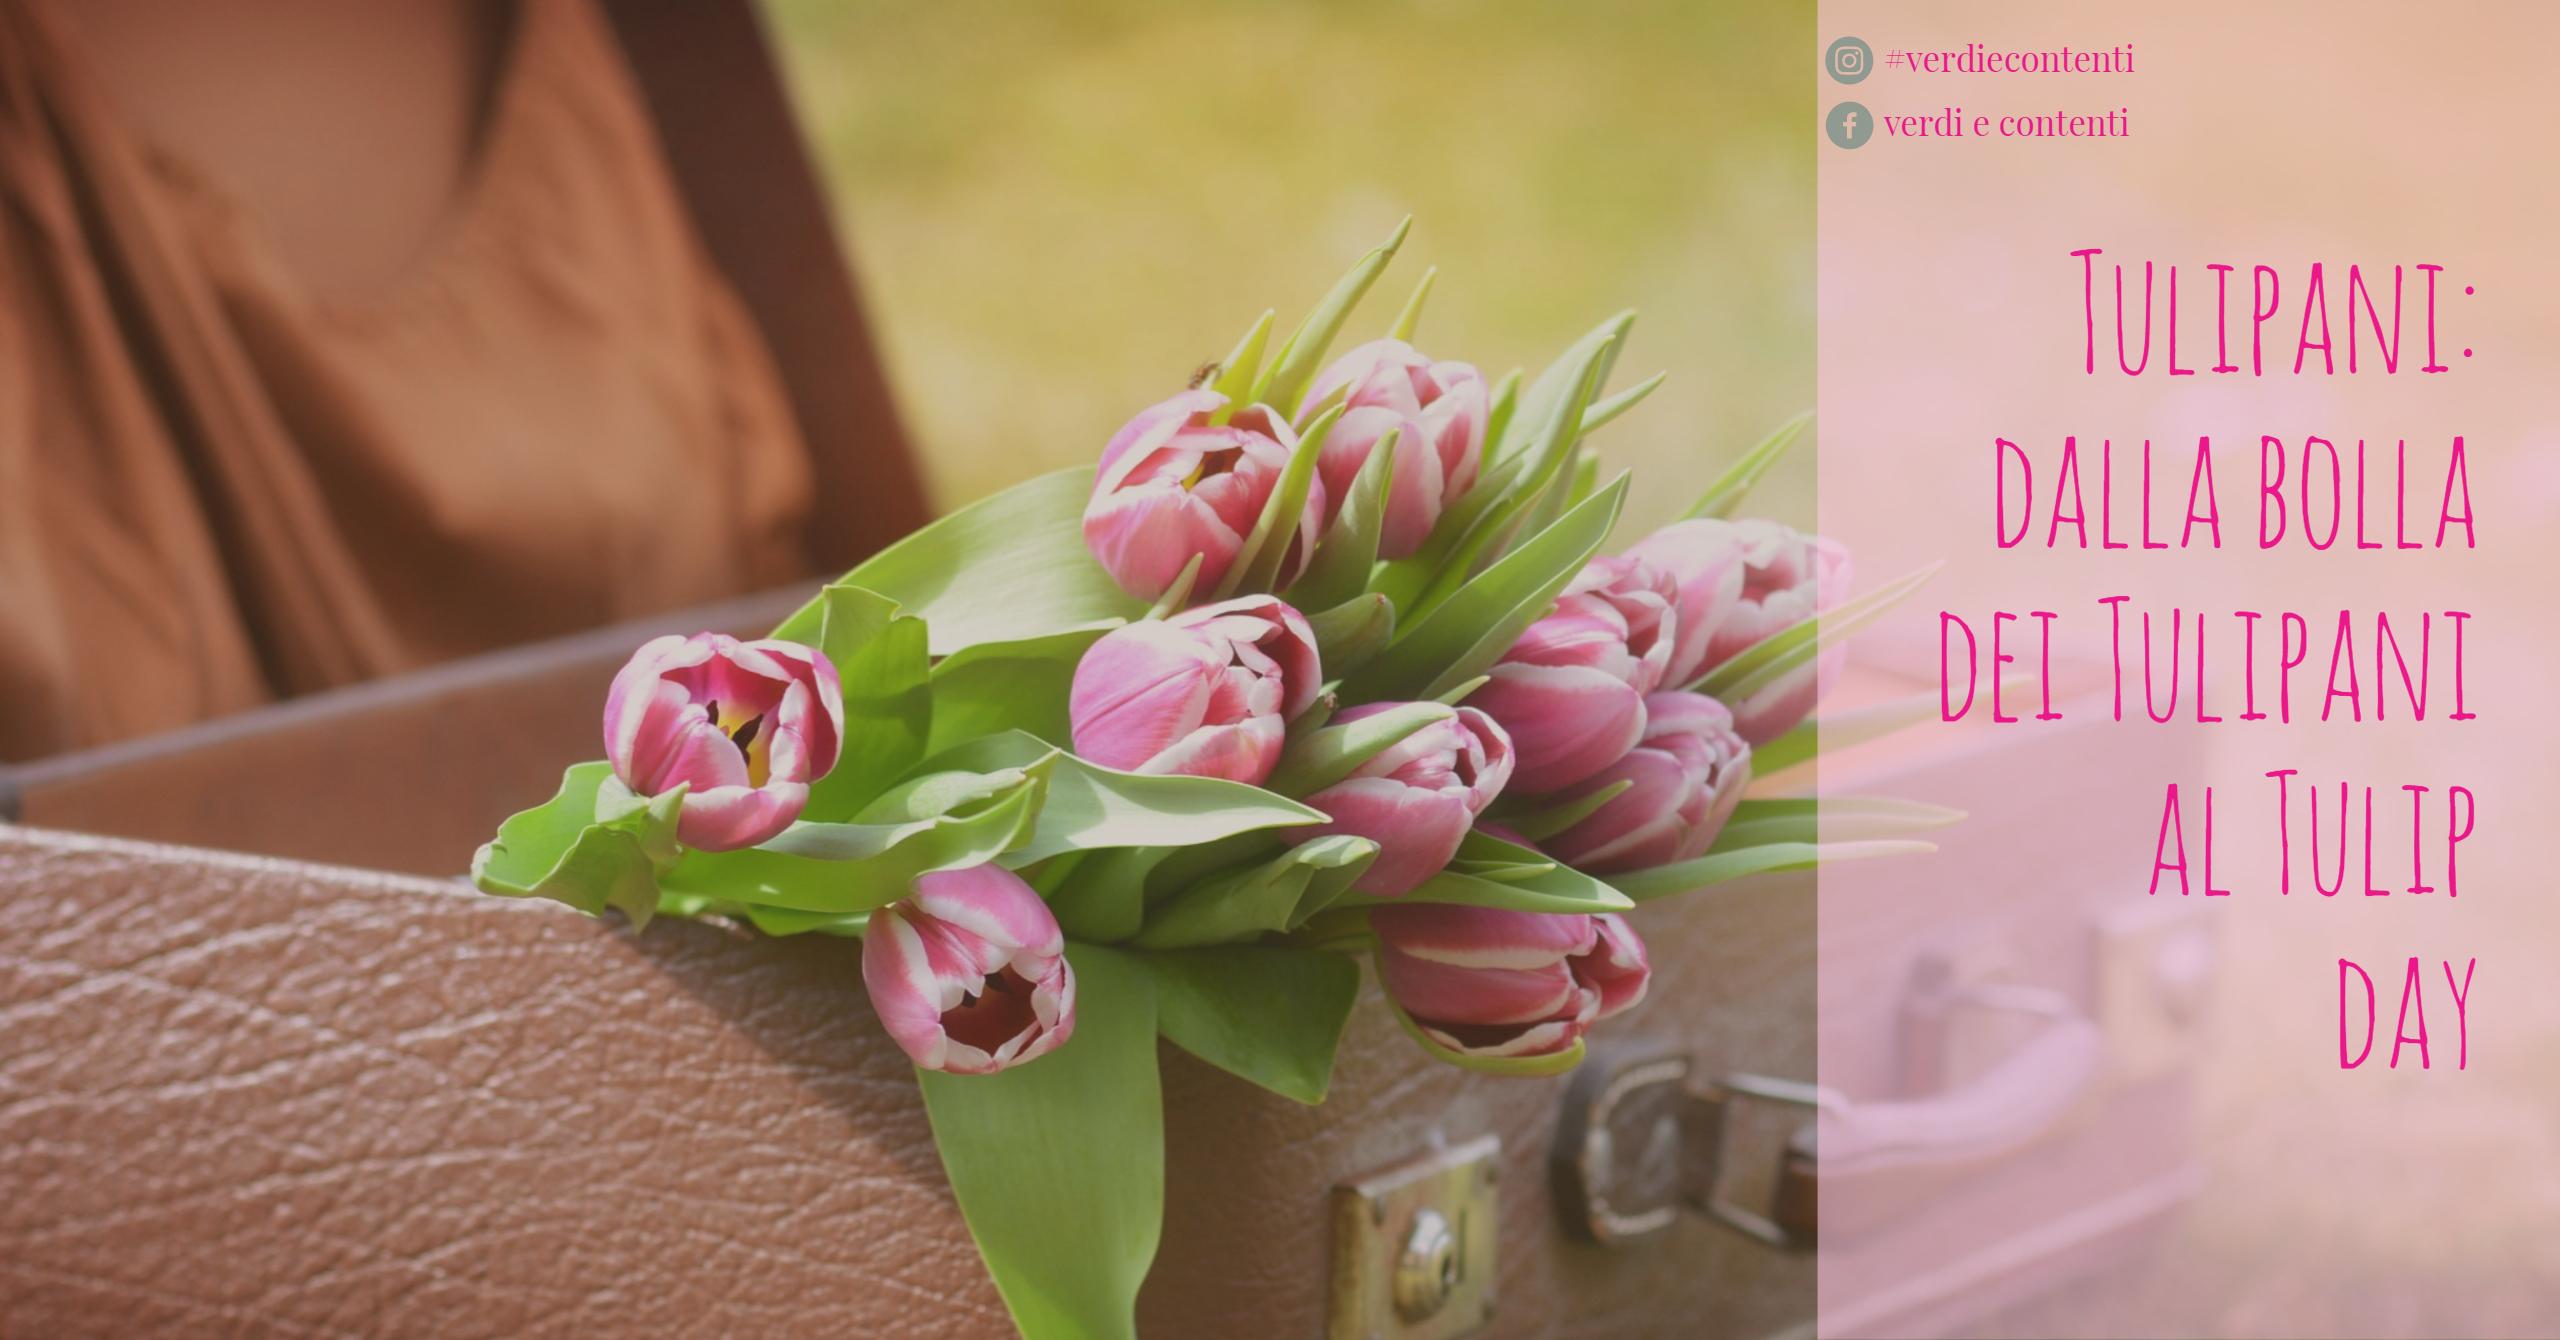 Tulipani: dalla bolla dei Tulipani al Tulip day